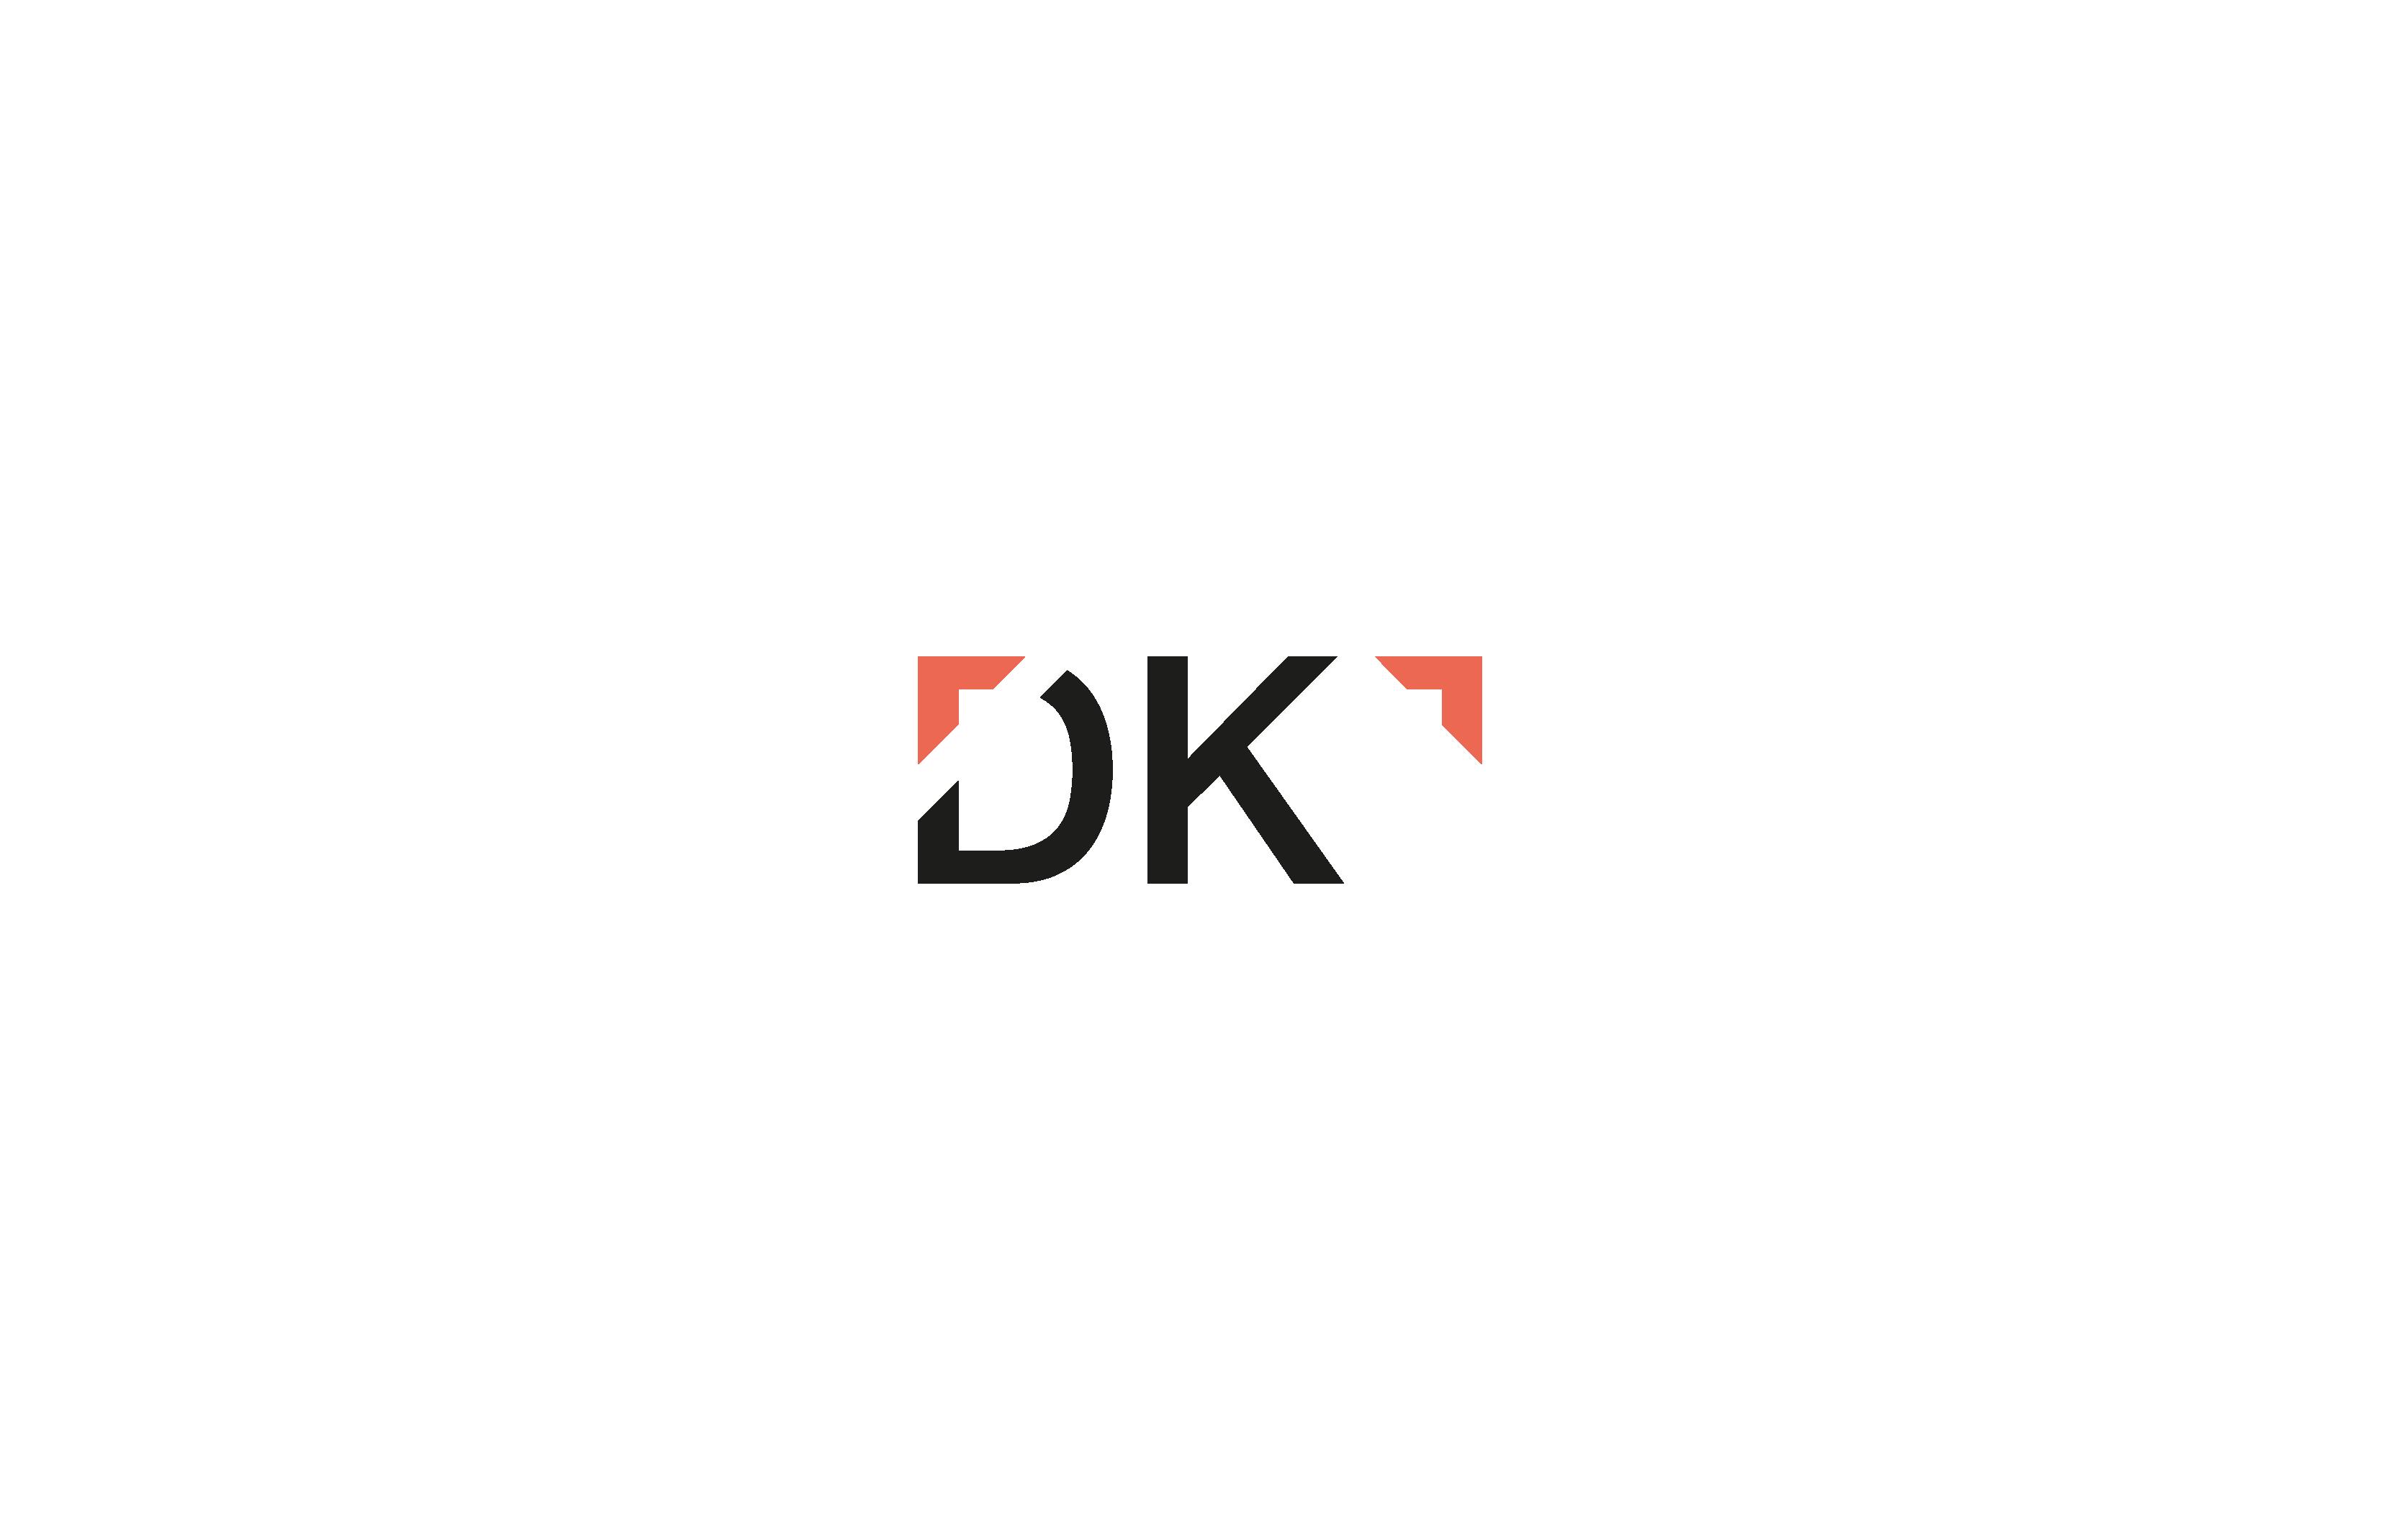 dk-transparant-studiosont_dk-mark-zwart